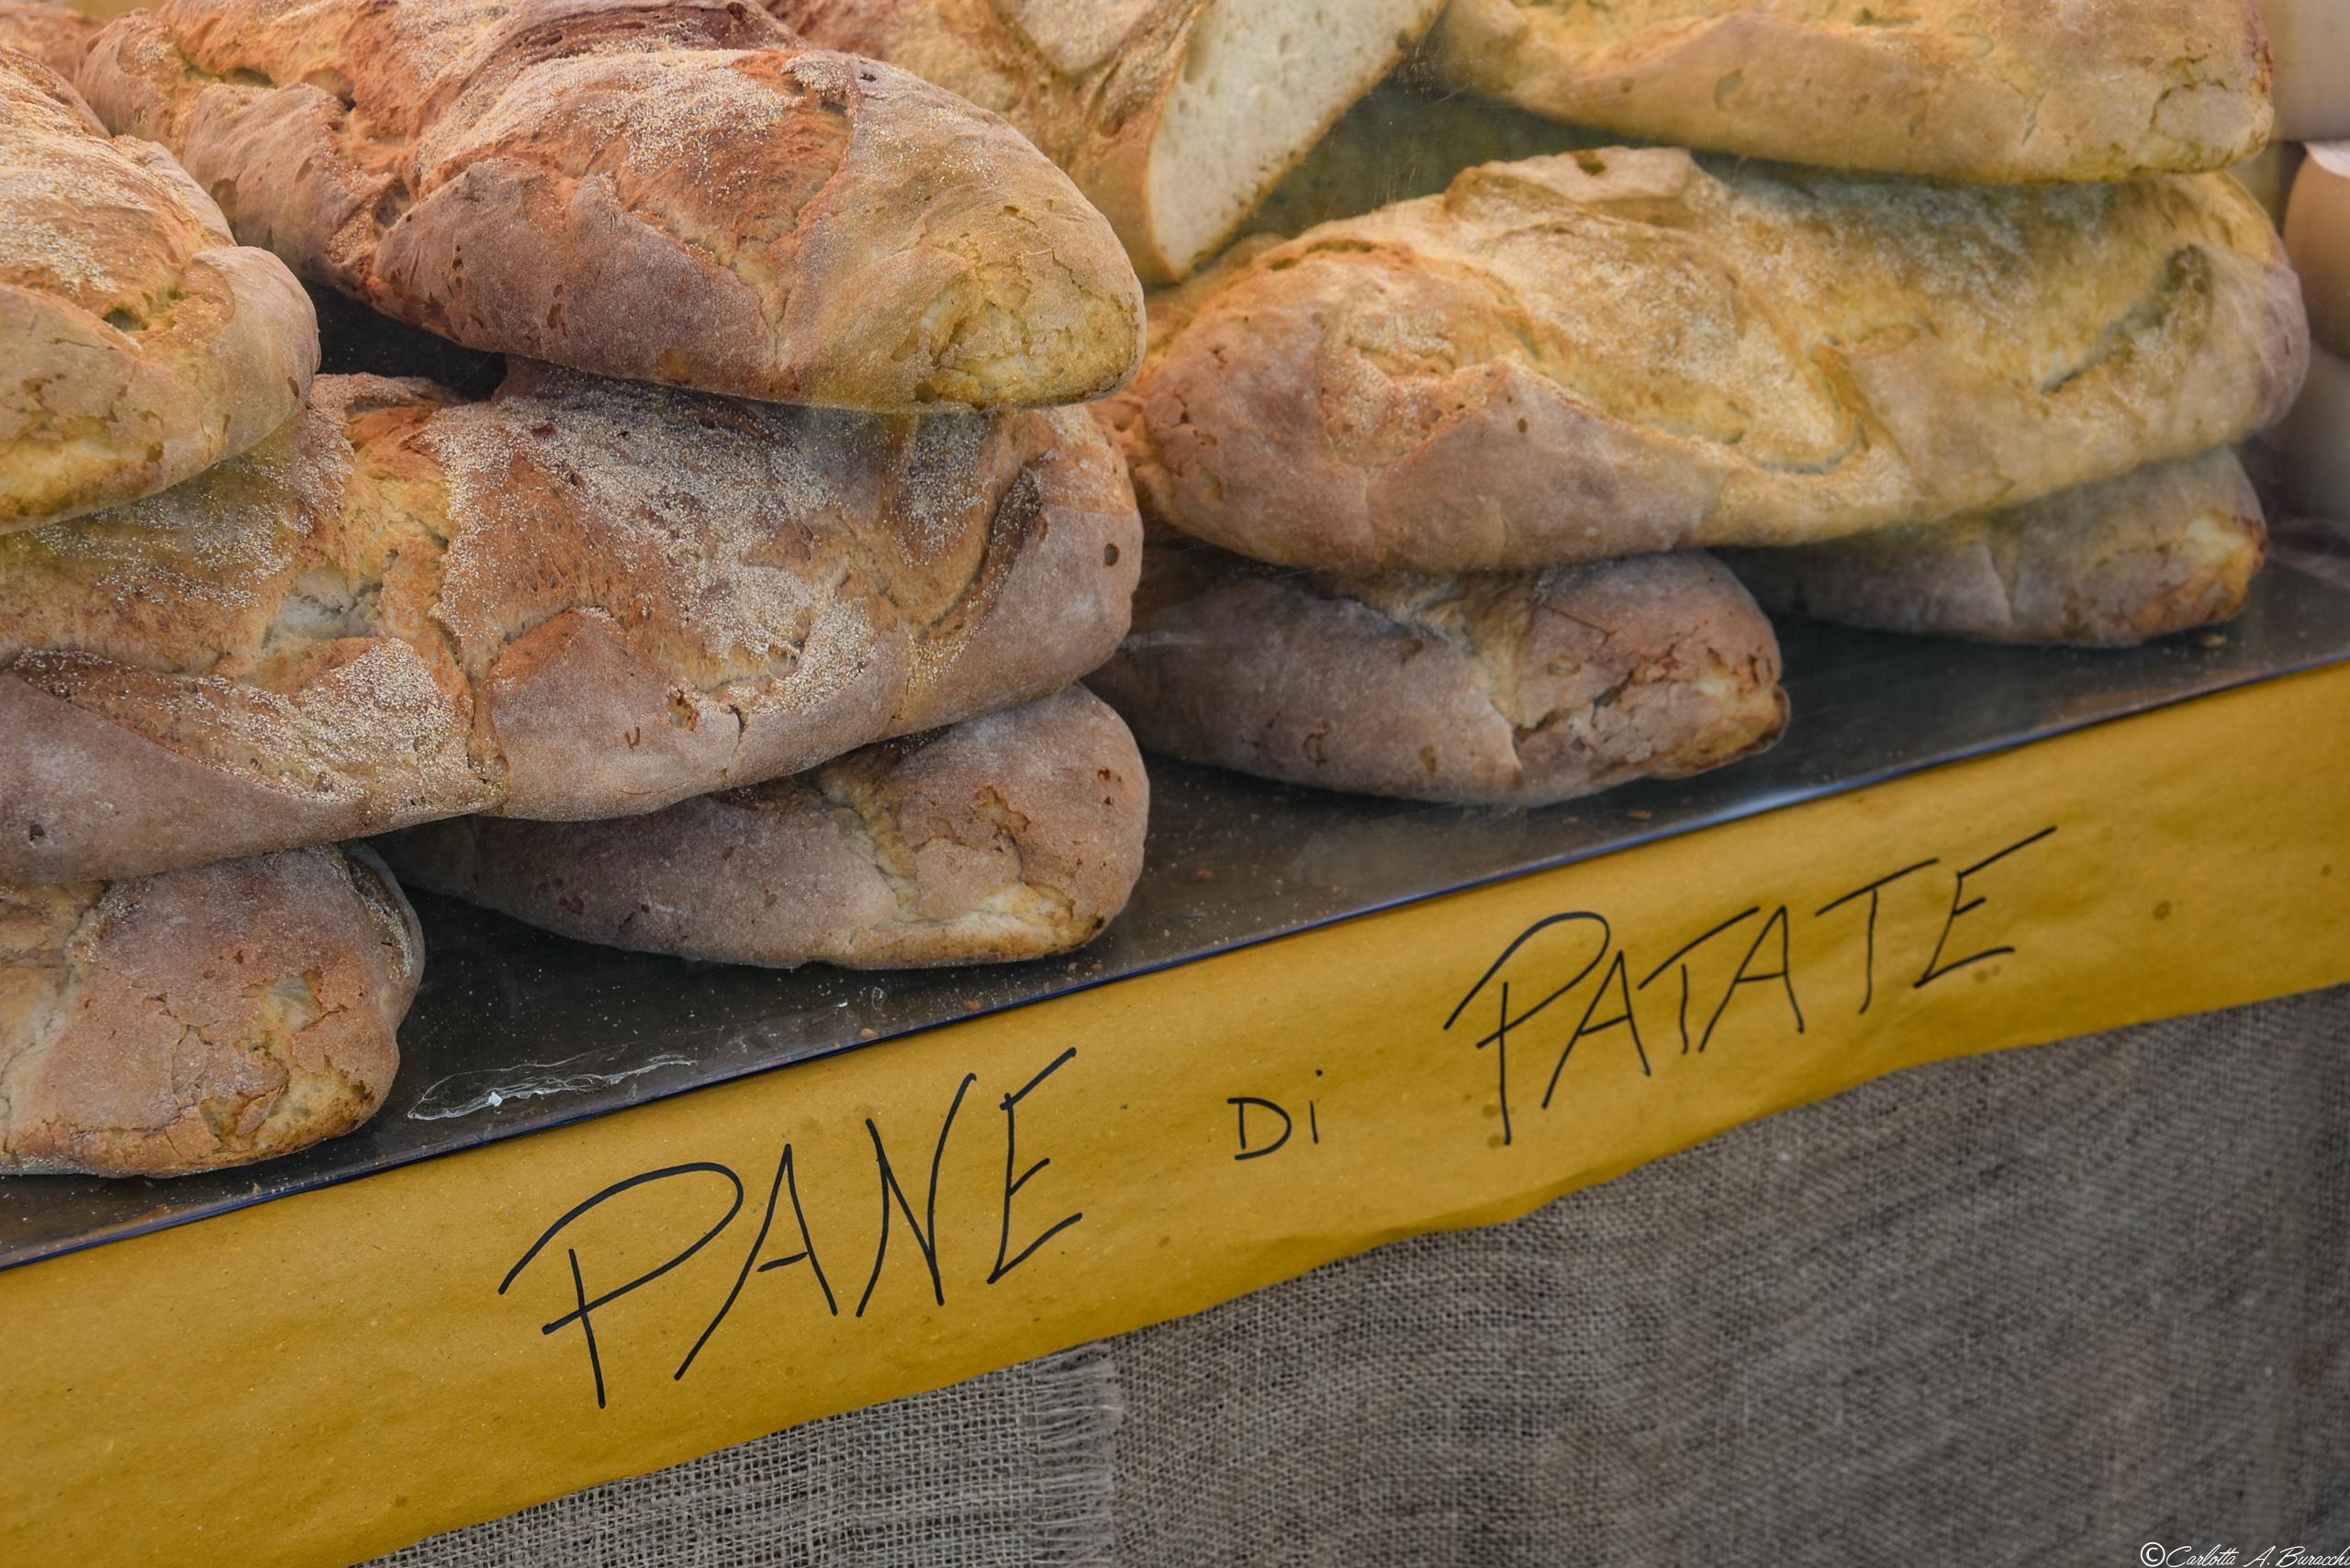 Il pane di patate della Garfagnana può essere prodotto in grandi pezzature proprio a causa dell'elevata conservabilità che gli conferiscono le patate nell'impasto